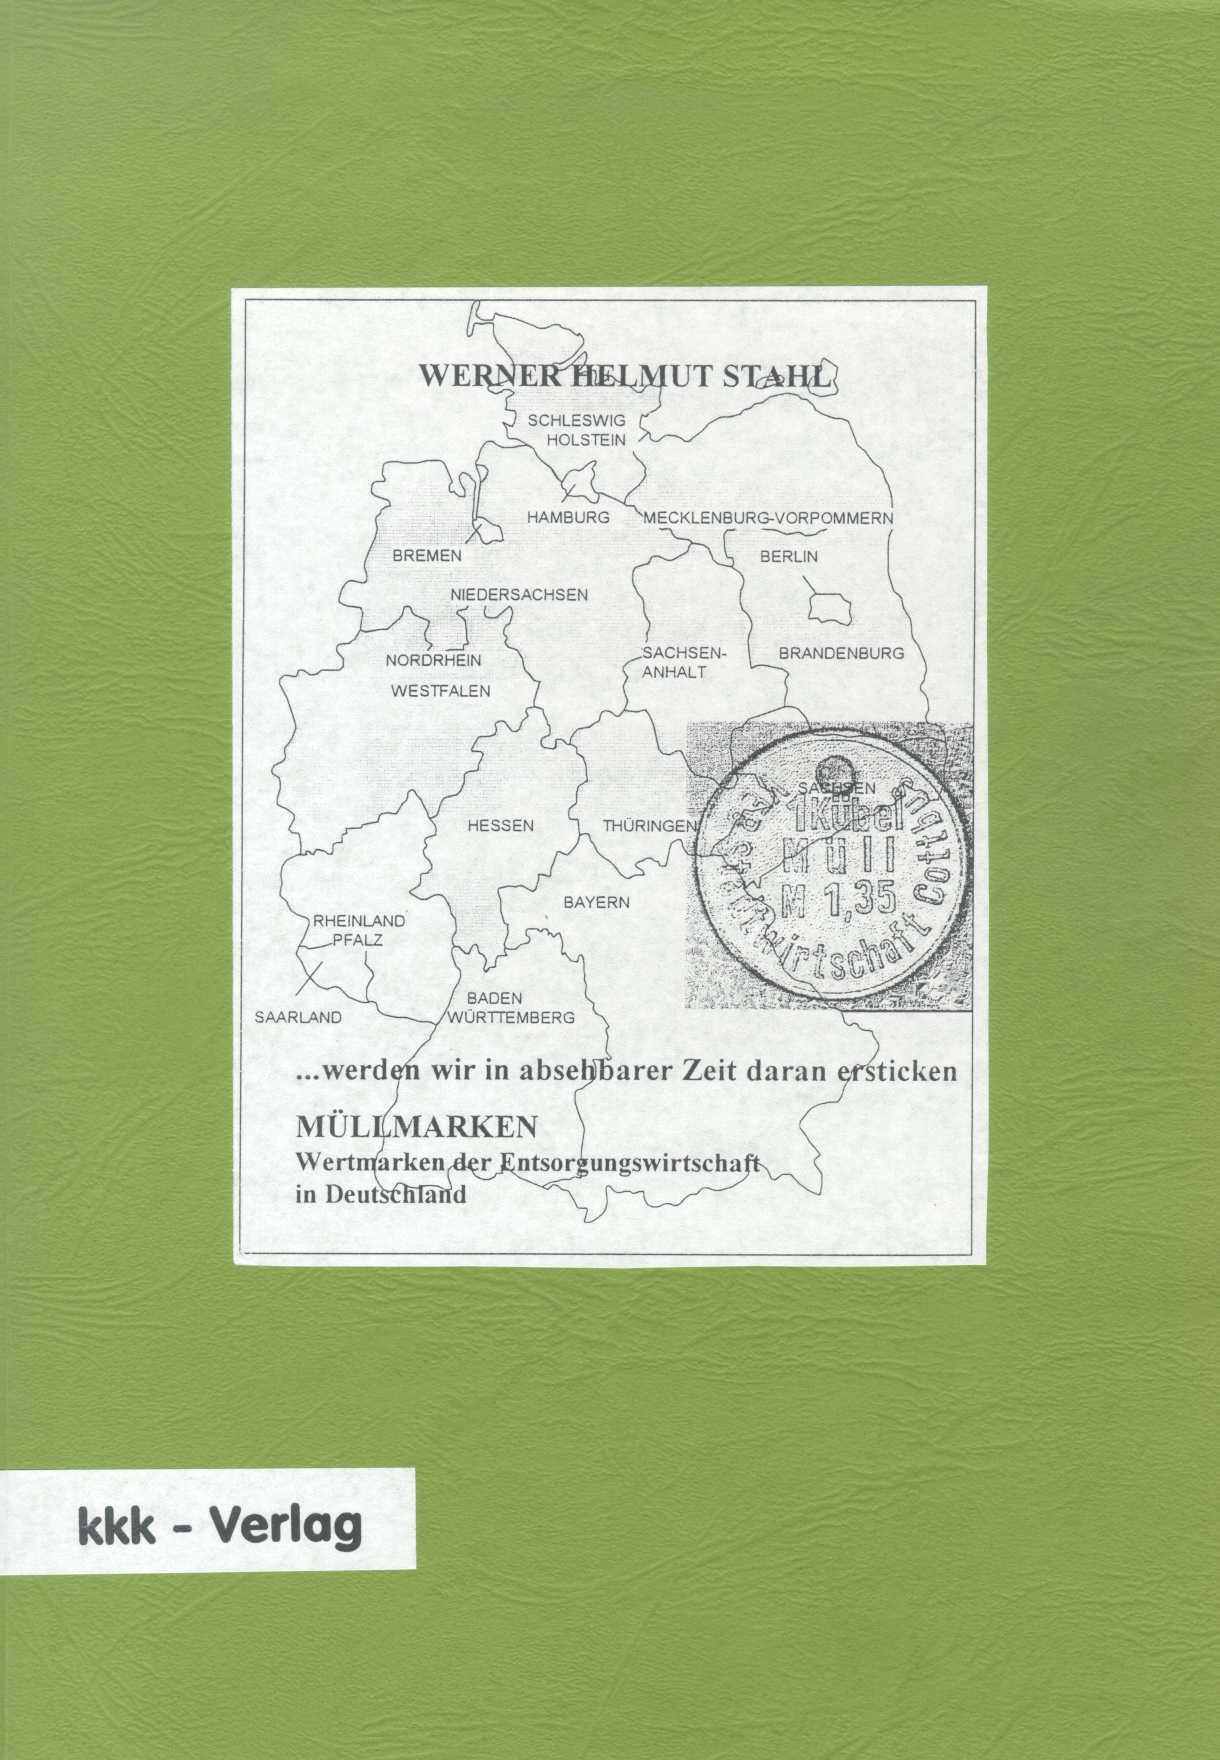 Stahl, Werner H. Müllmarken, Wertmarken der Entsorgungswirtschaf